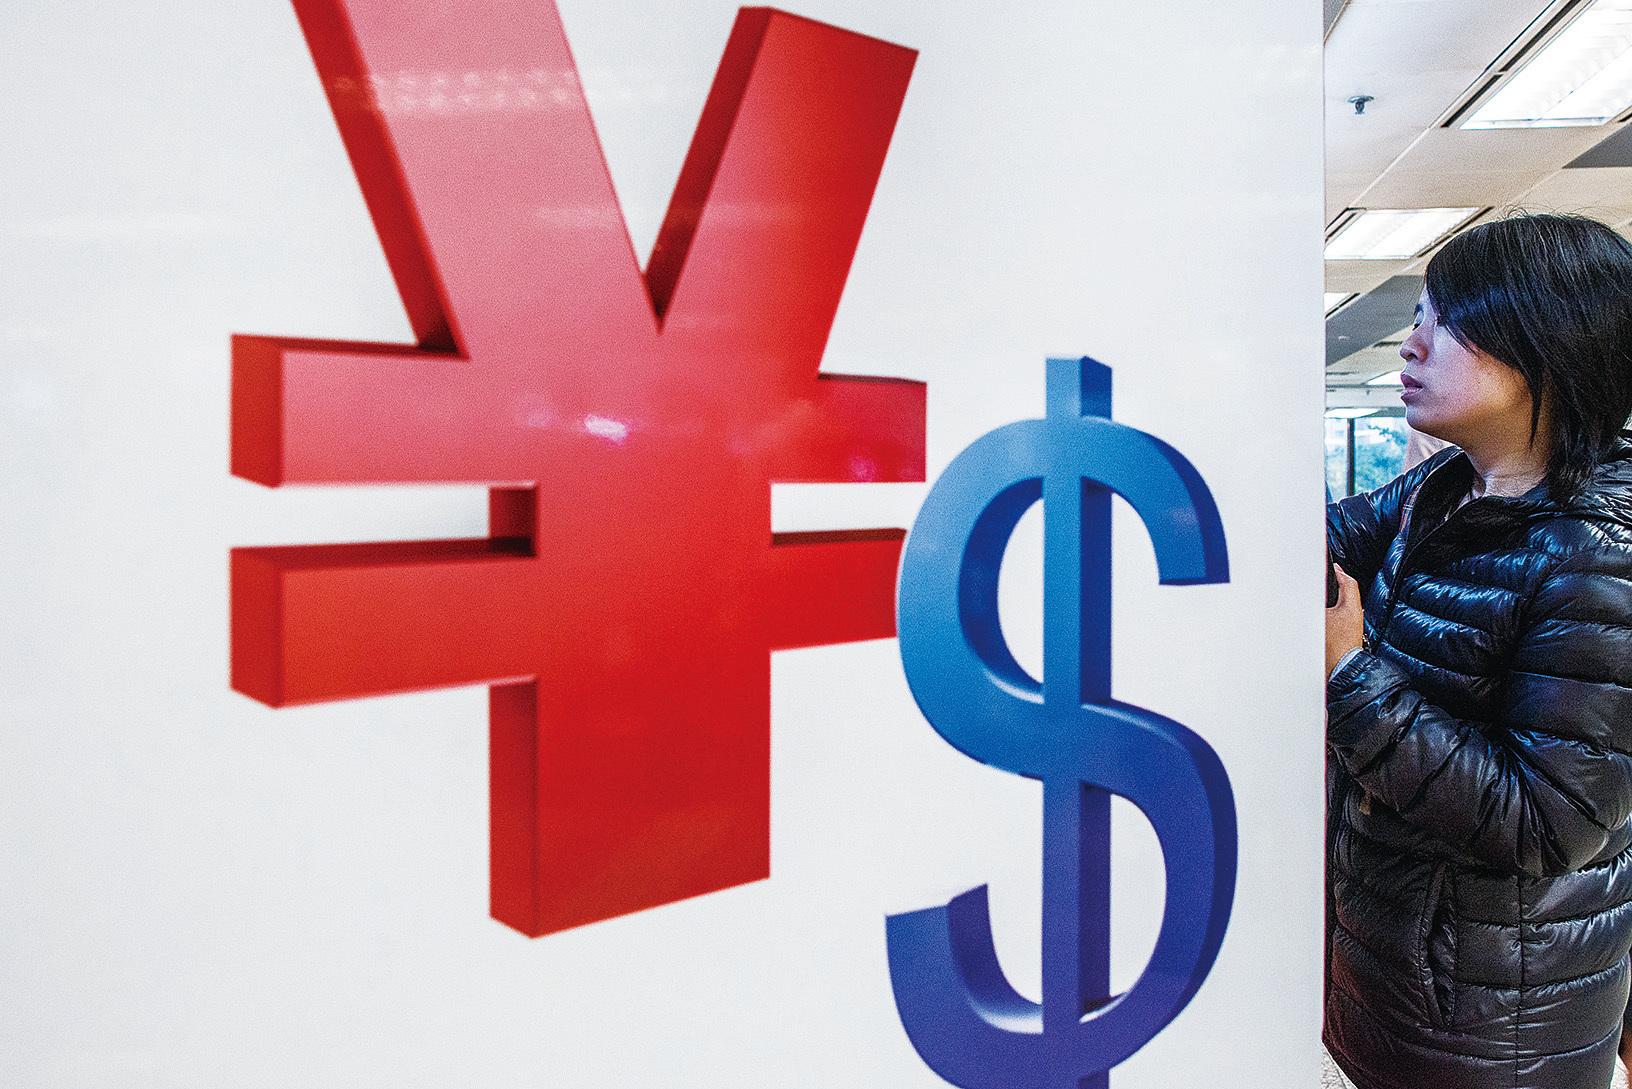 人民幣貶值勢必影響多數中國人的日常生活。(Getty Images)